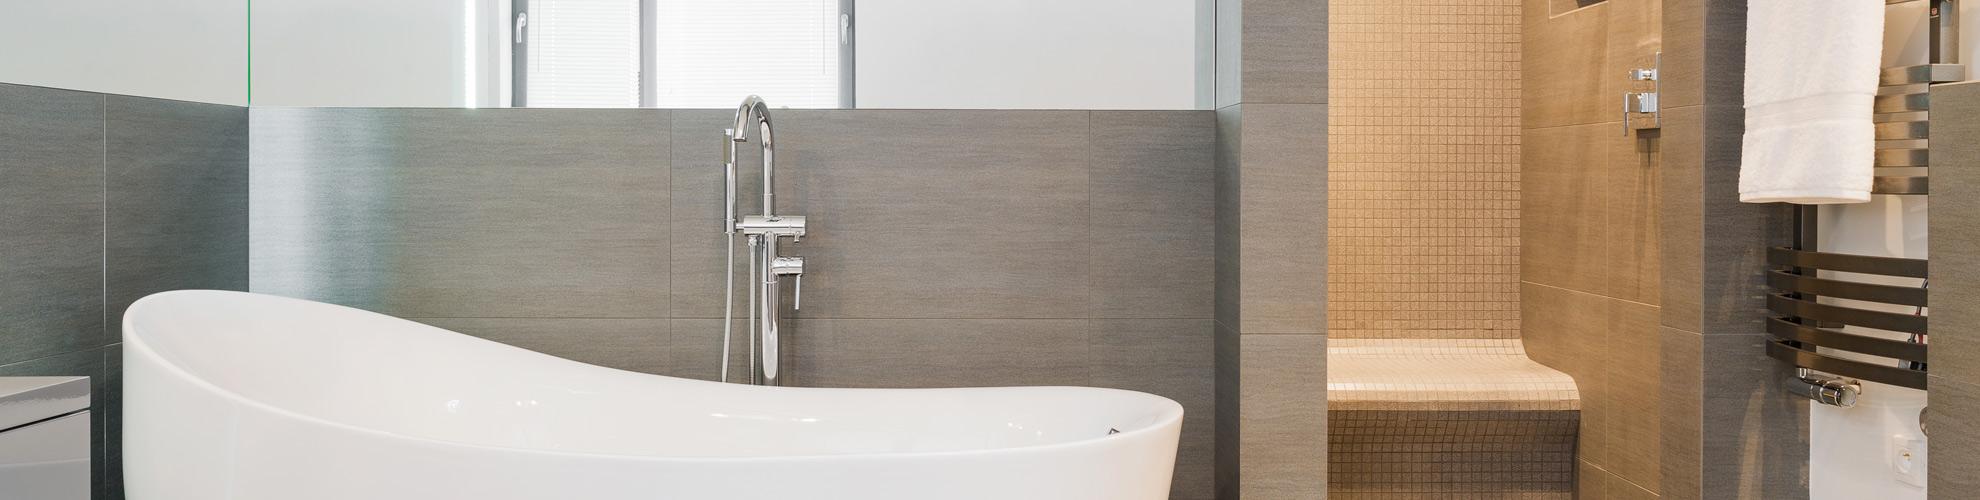 Inredning kakla på våtrumsmatta : VÃ¥trumsmatta eller kakel i badrum? | Badrumsrenovering Stockholm